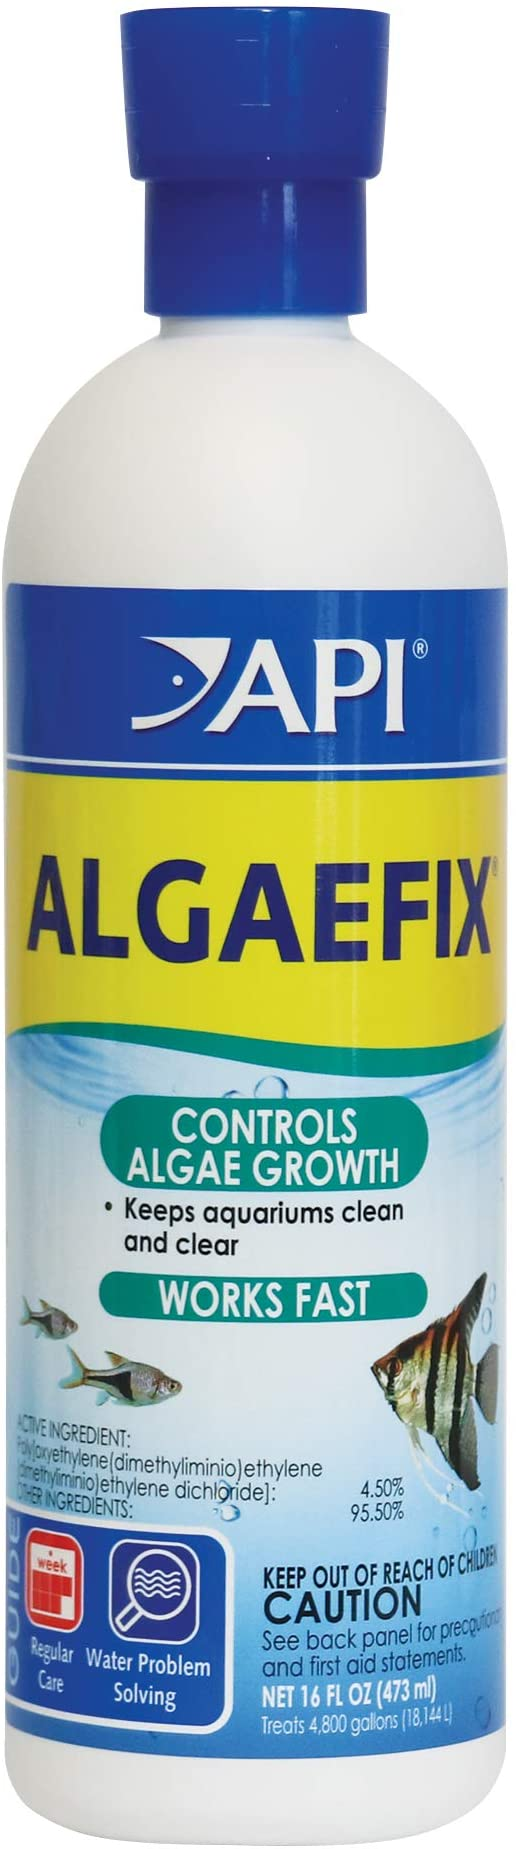 API 87E product image 3